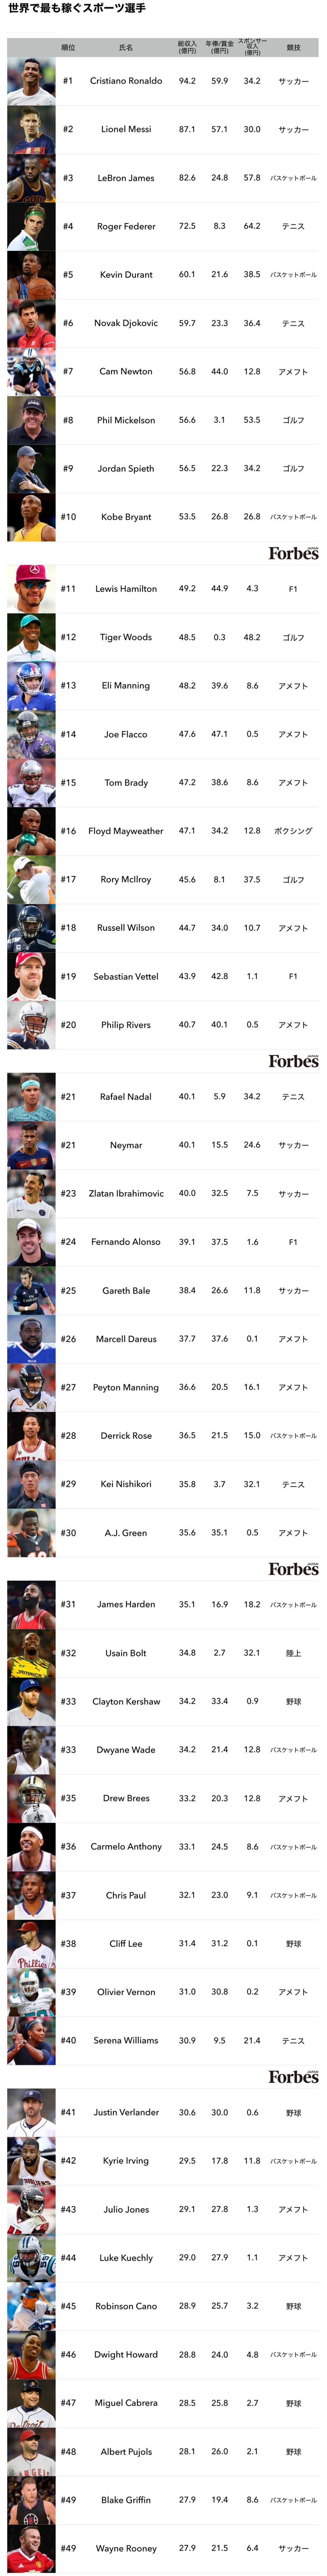 「世界で最も稼ぐスポーツ選手」はロナウド 年収94億円